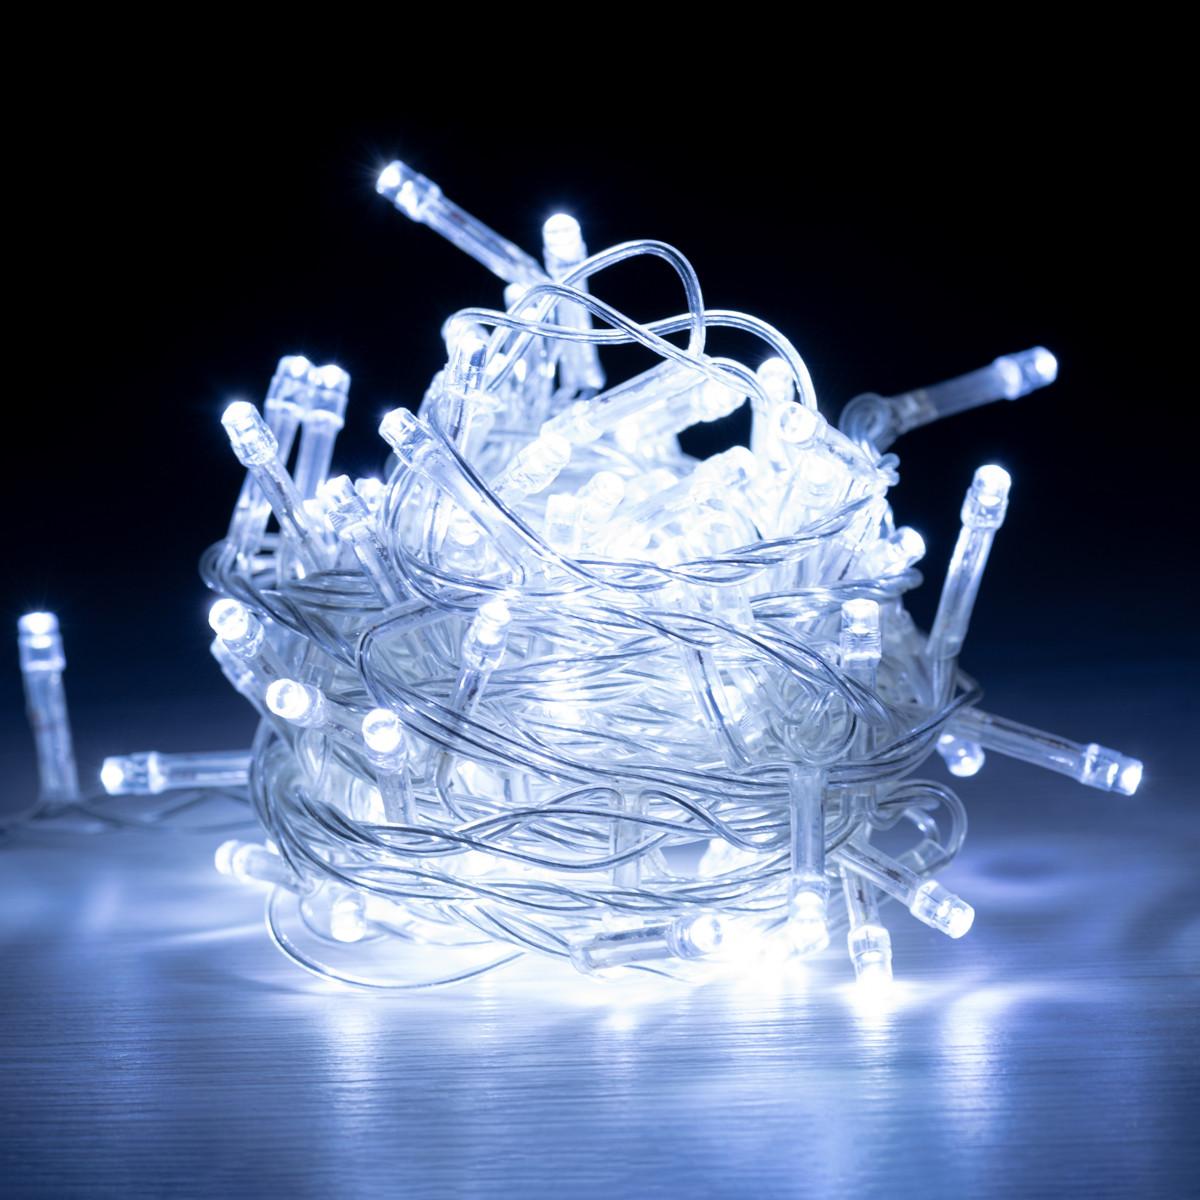 """Електрогірлянда світлодіодна Yes! Fun """"Christmas time"""", 100 ламп, холодно-біла, 5 м., 8 р"""